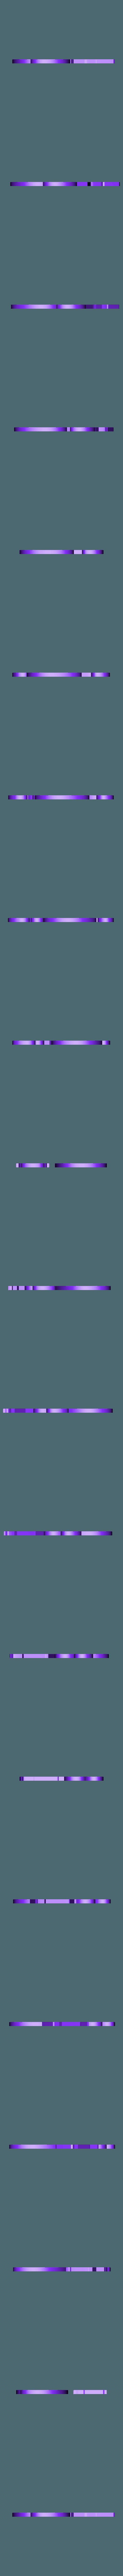 9_3-4_numbers.STL Télécharger fichier STL gratuit Sous-verres multicolores Harry Potter • Design pour impression 3D, MosaicManufacturing